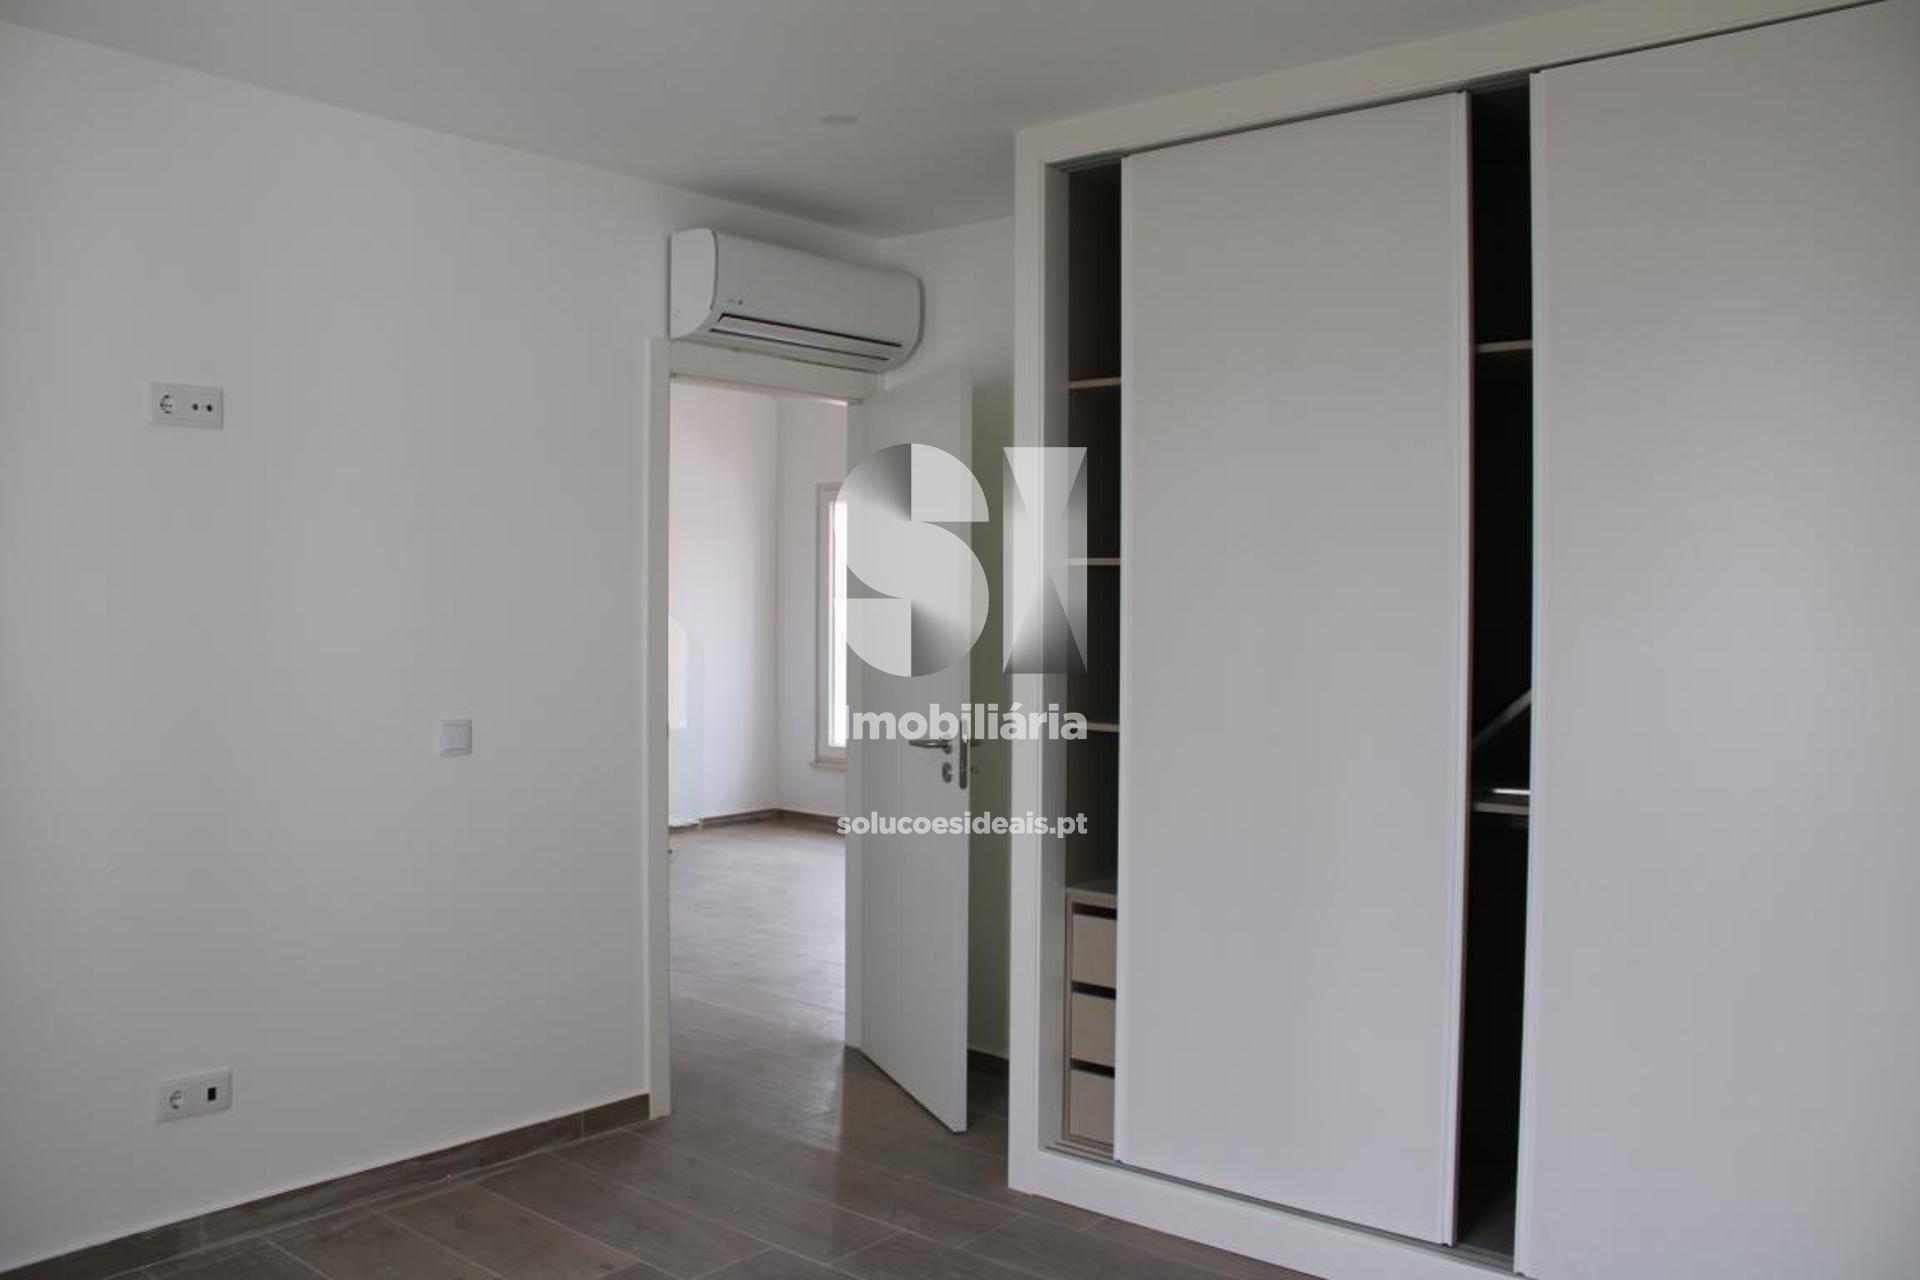 apartamento t11 para compra em torres vedras santa maria sao pedro e matacaes LFCPM472_11